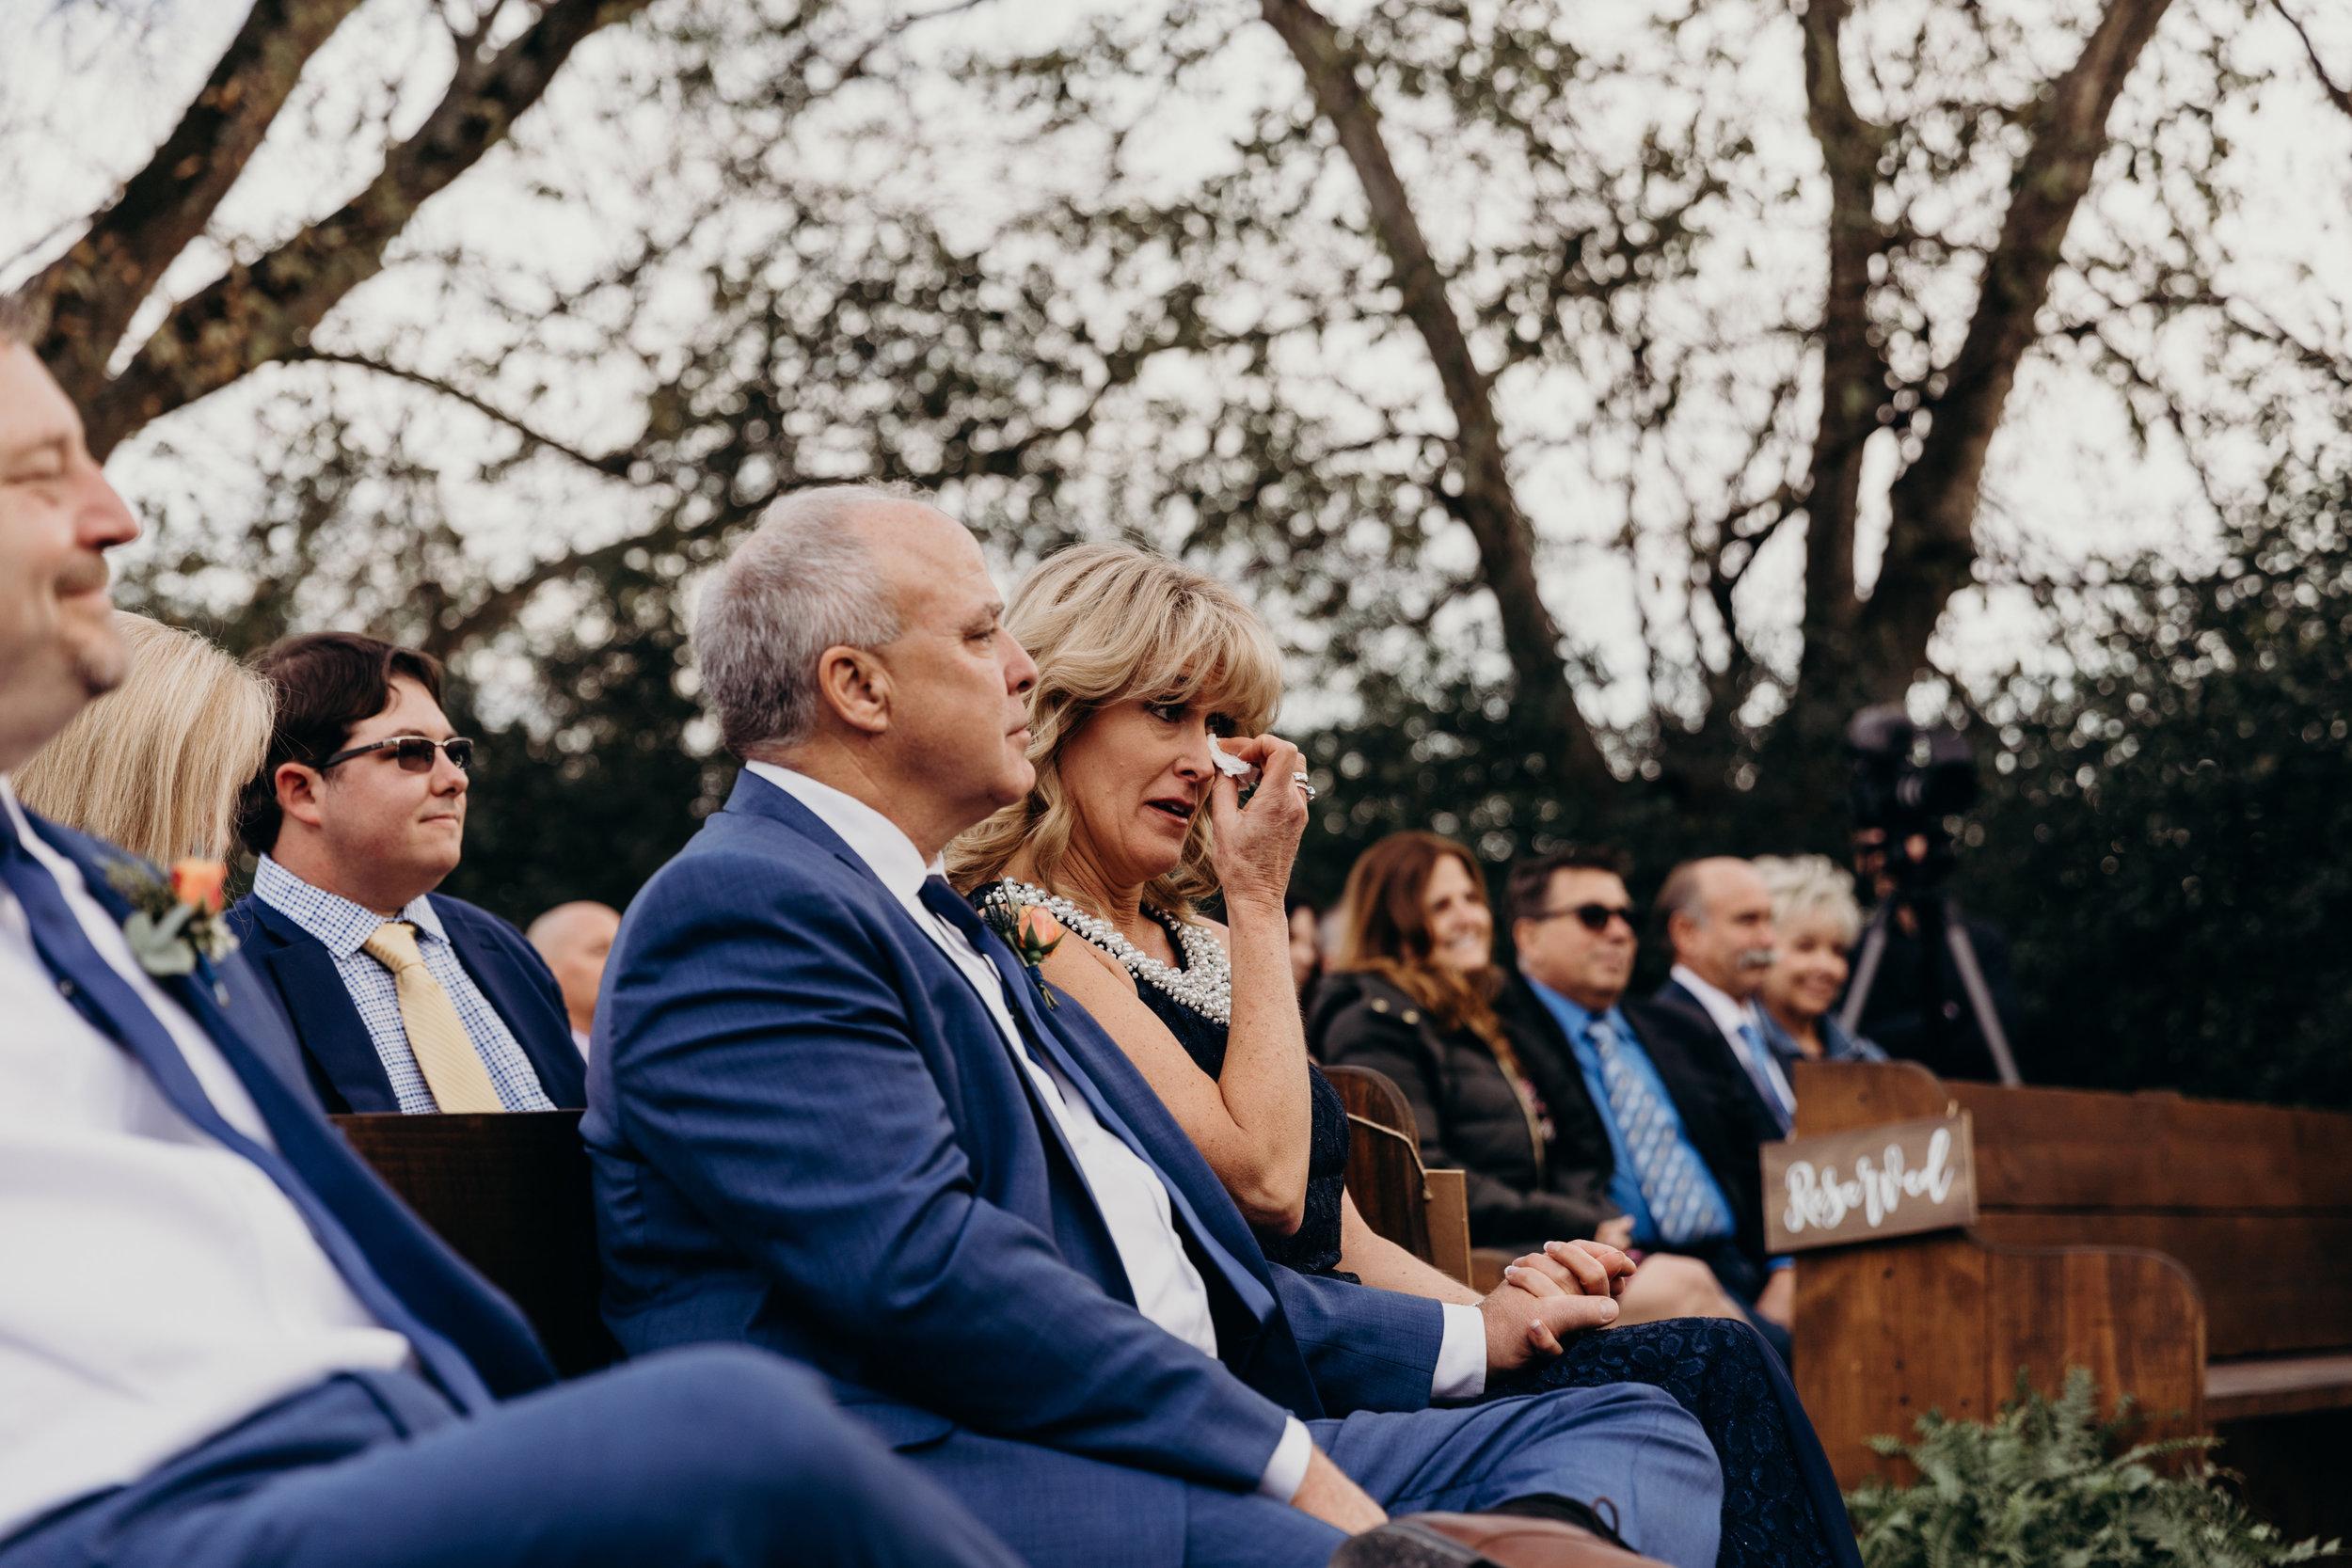 512-ltw-morgan-adam-wedding.jpg